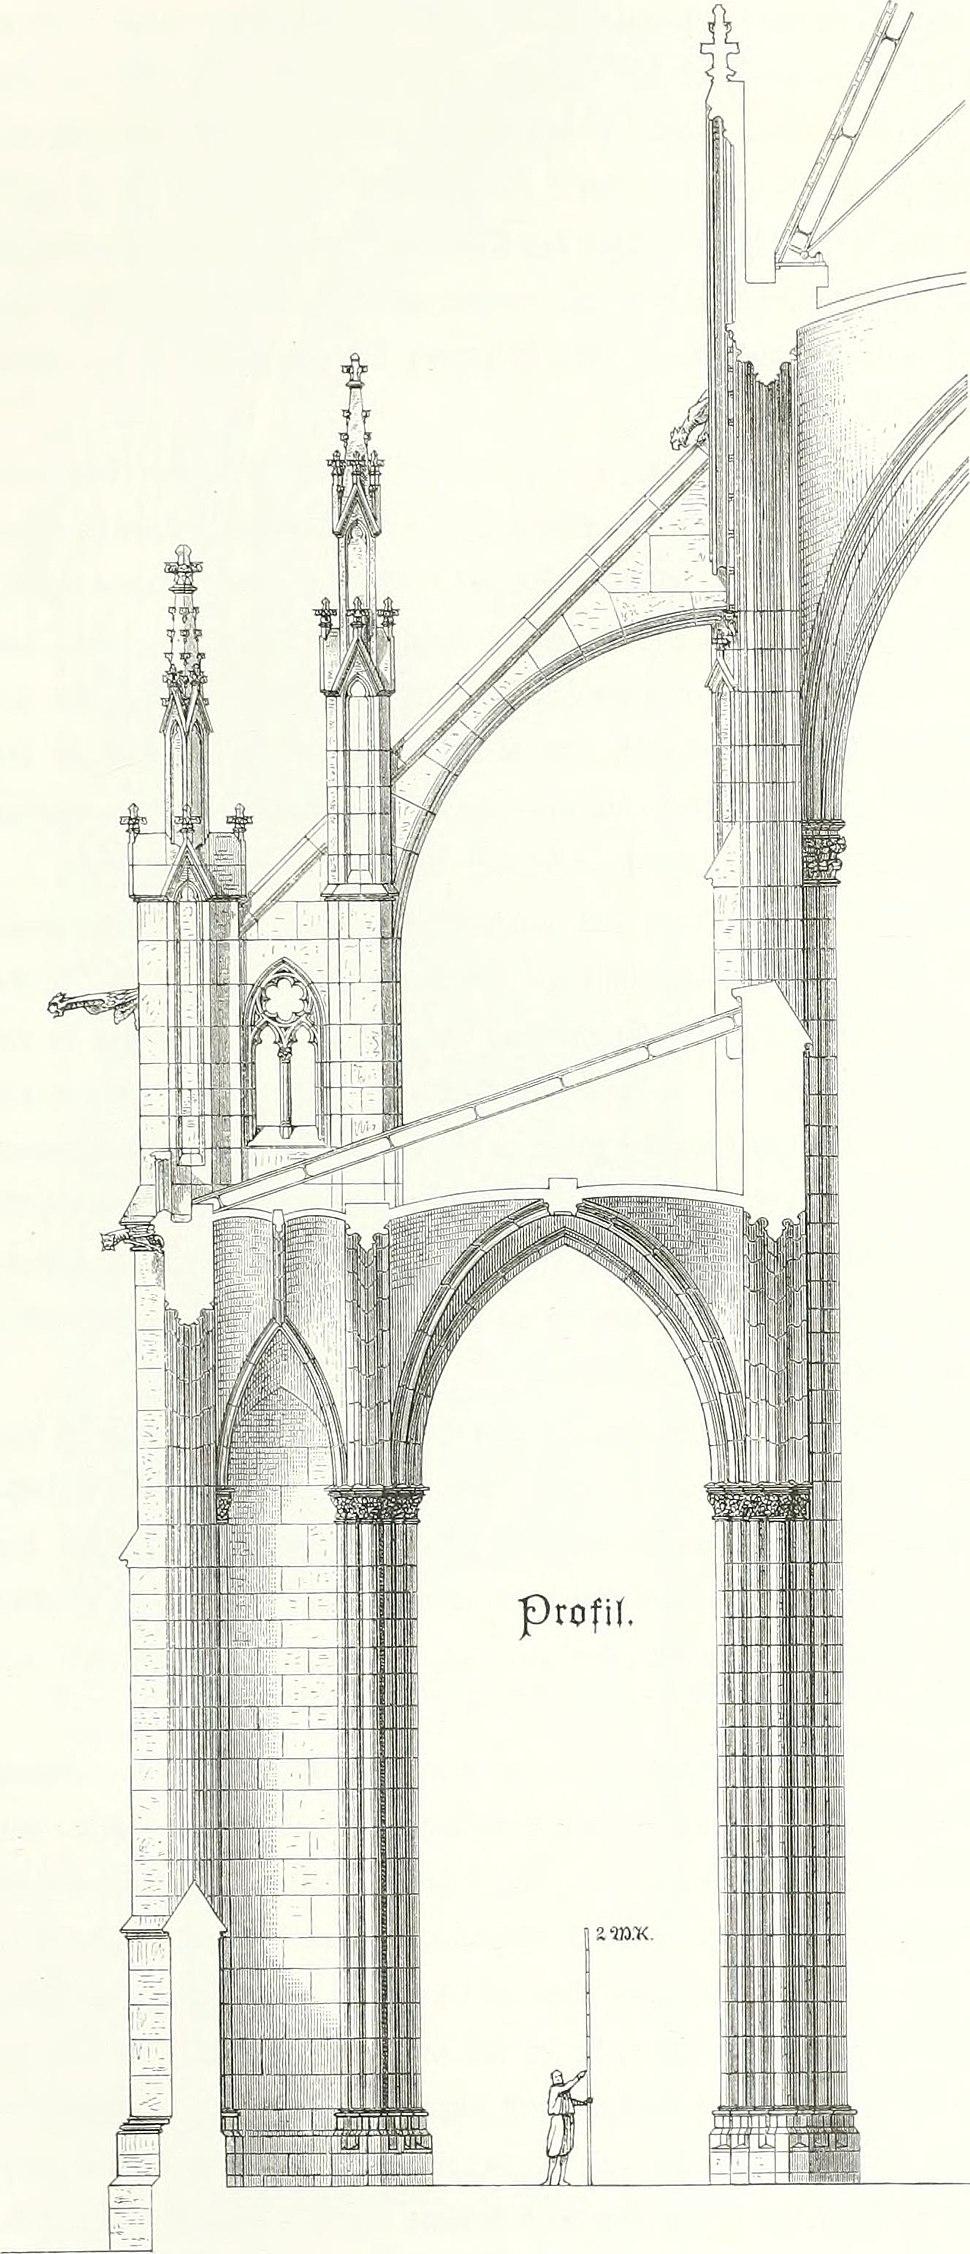 Die Votivkirche in Wien; Denkschrift des Baucomit'es veröffentlicht zur Feier der Einweihung am 24. April 1879 (1879) (14597612677)